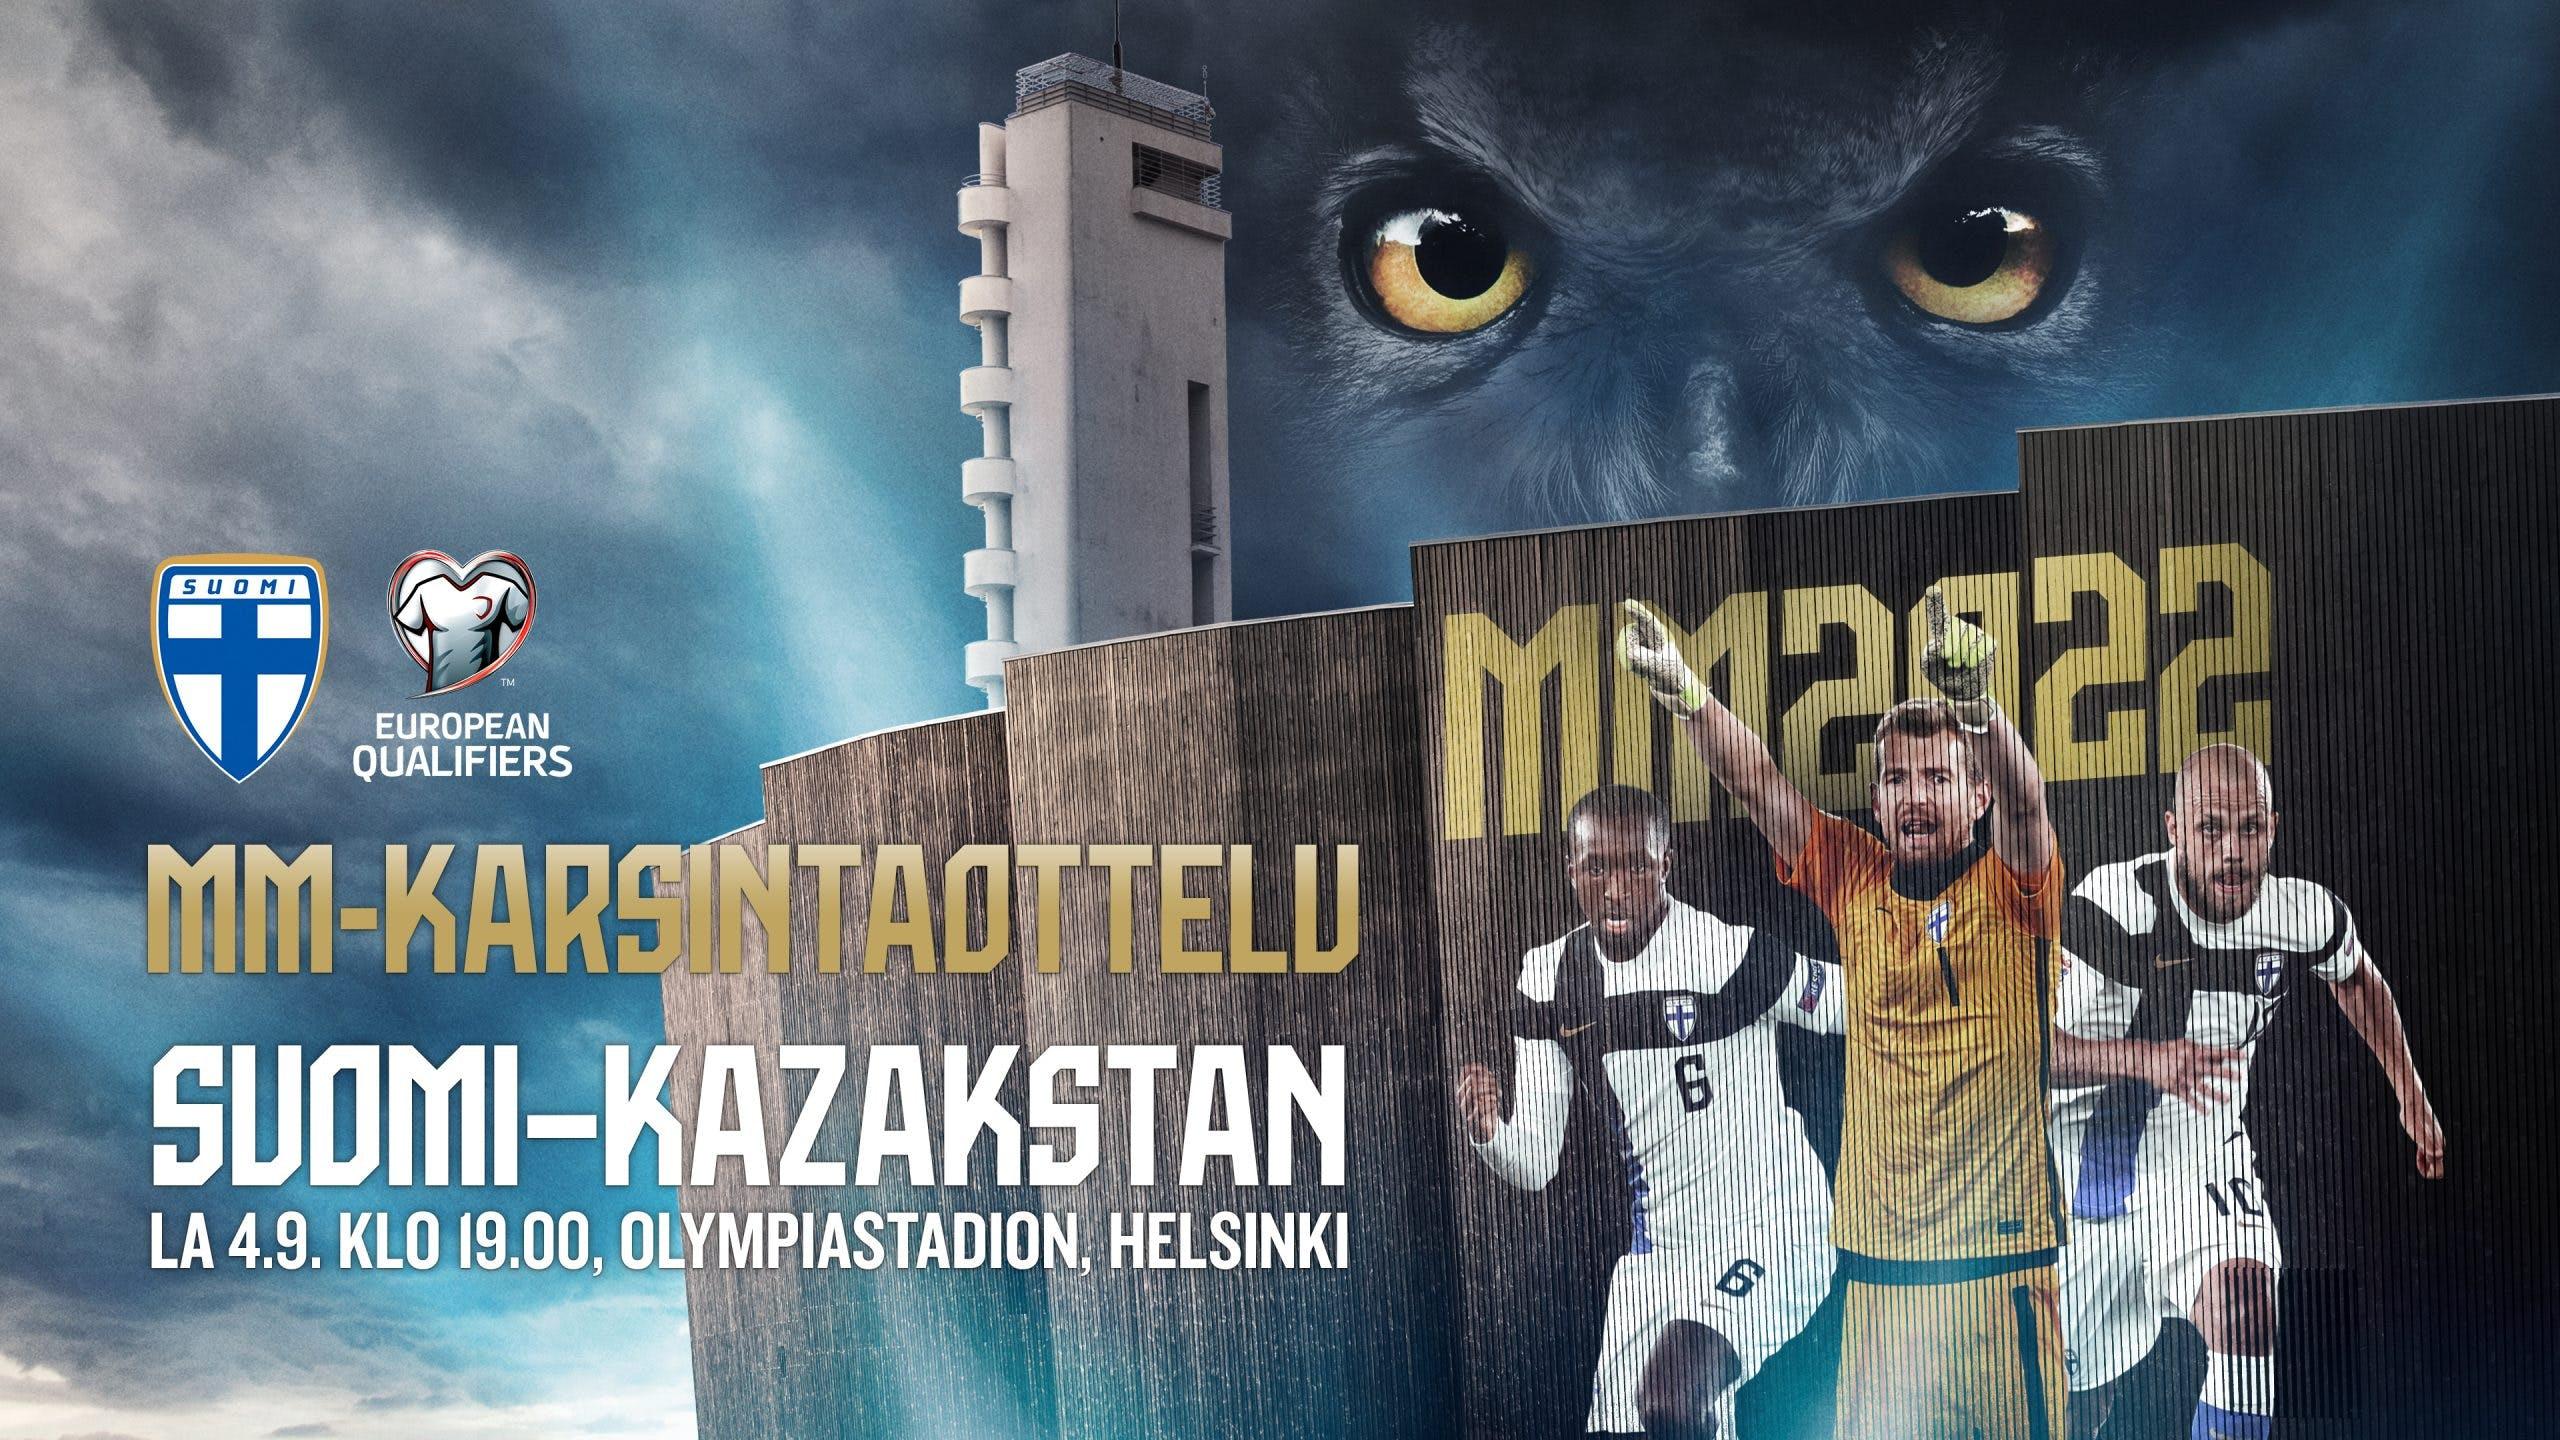 Huuhkajat MM-karsintaottelu Suomi-Kazakstan